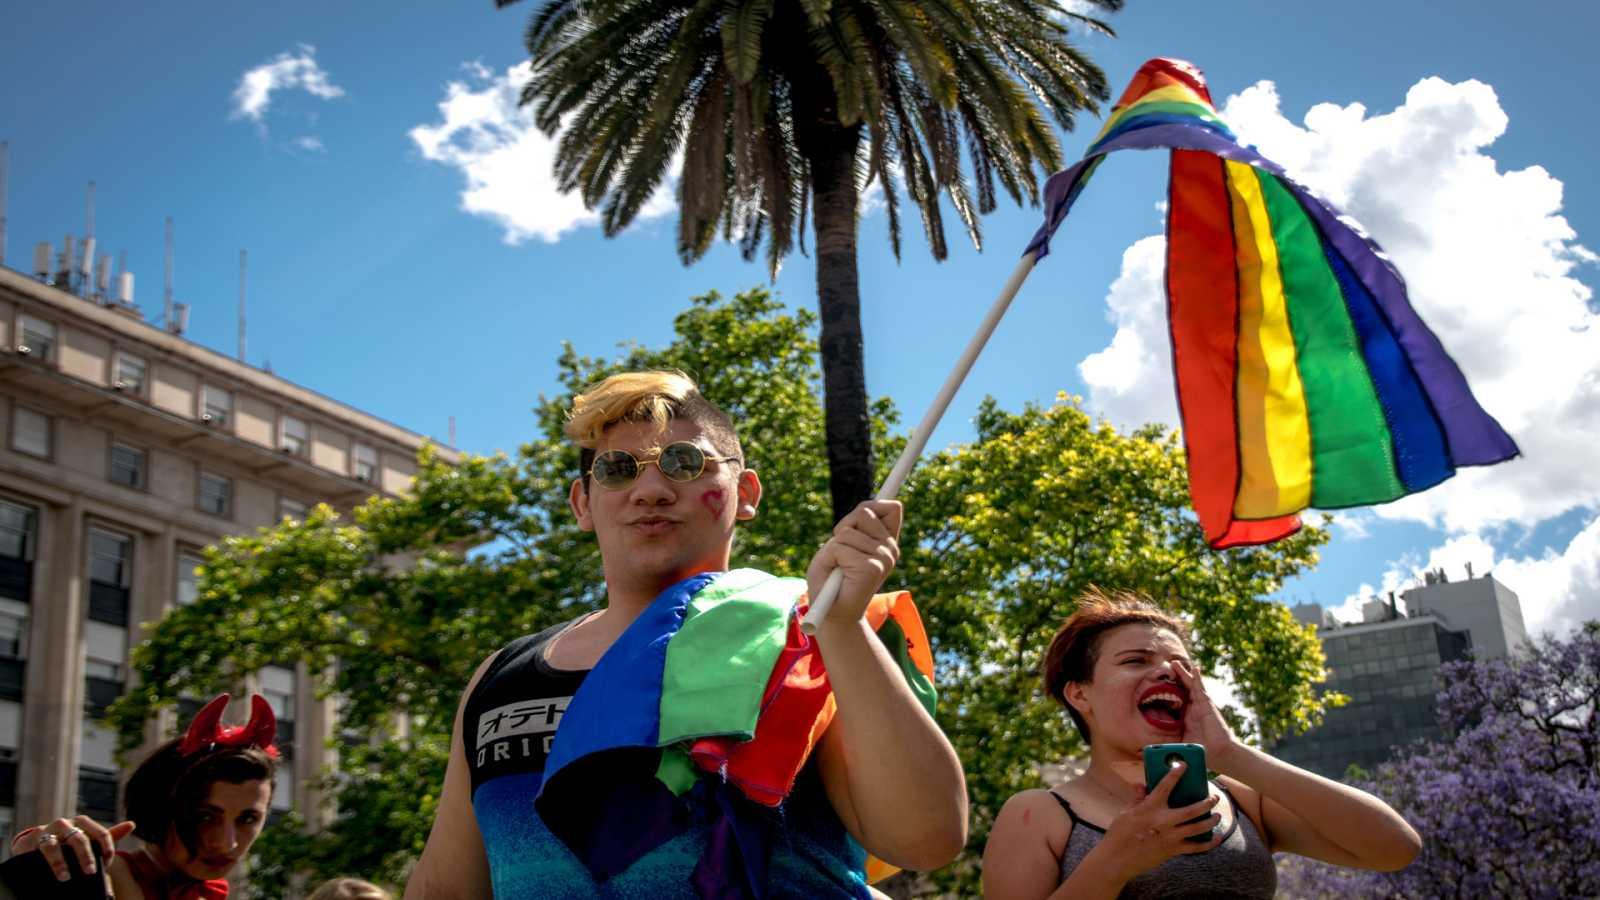 Wisteria Lane - Activistas de América Latina apoyan, en un manifiesto, la ley Trans - 21/03/21 - Escuchar ahora